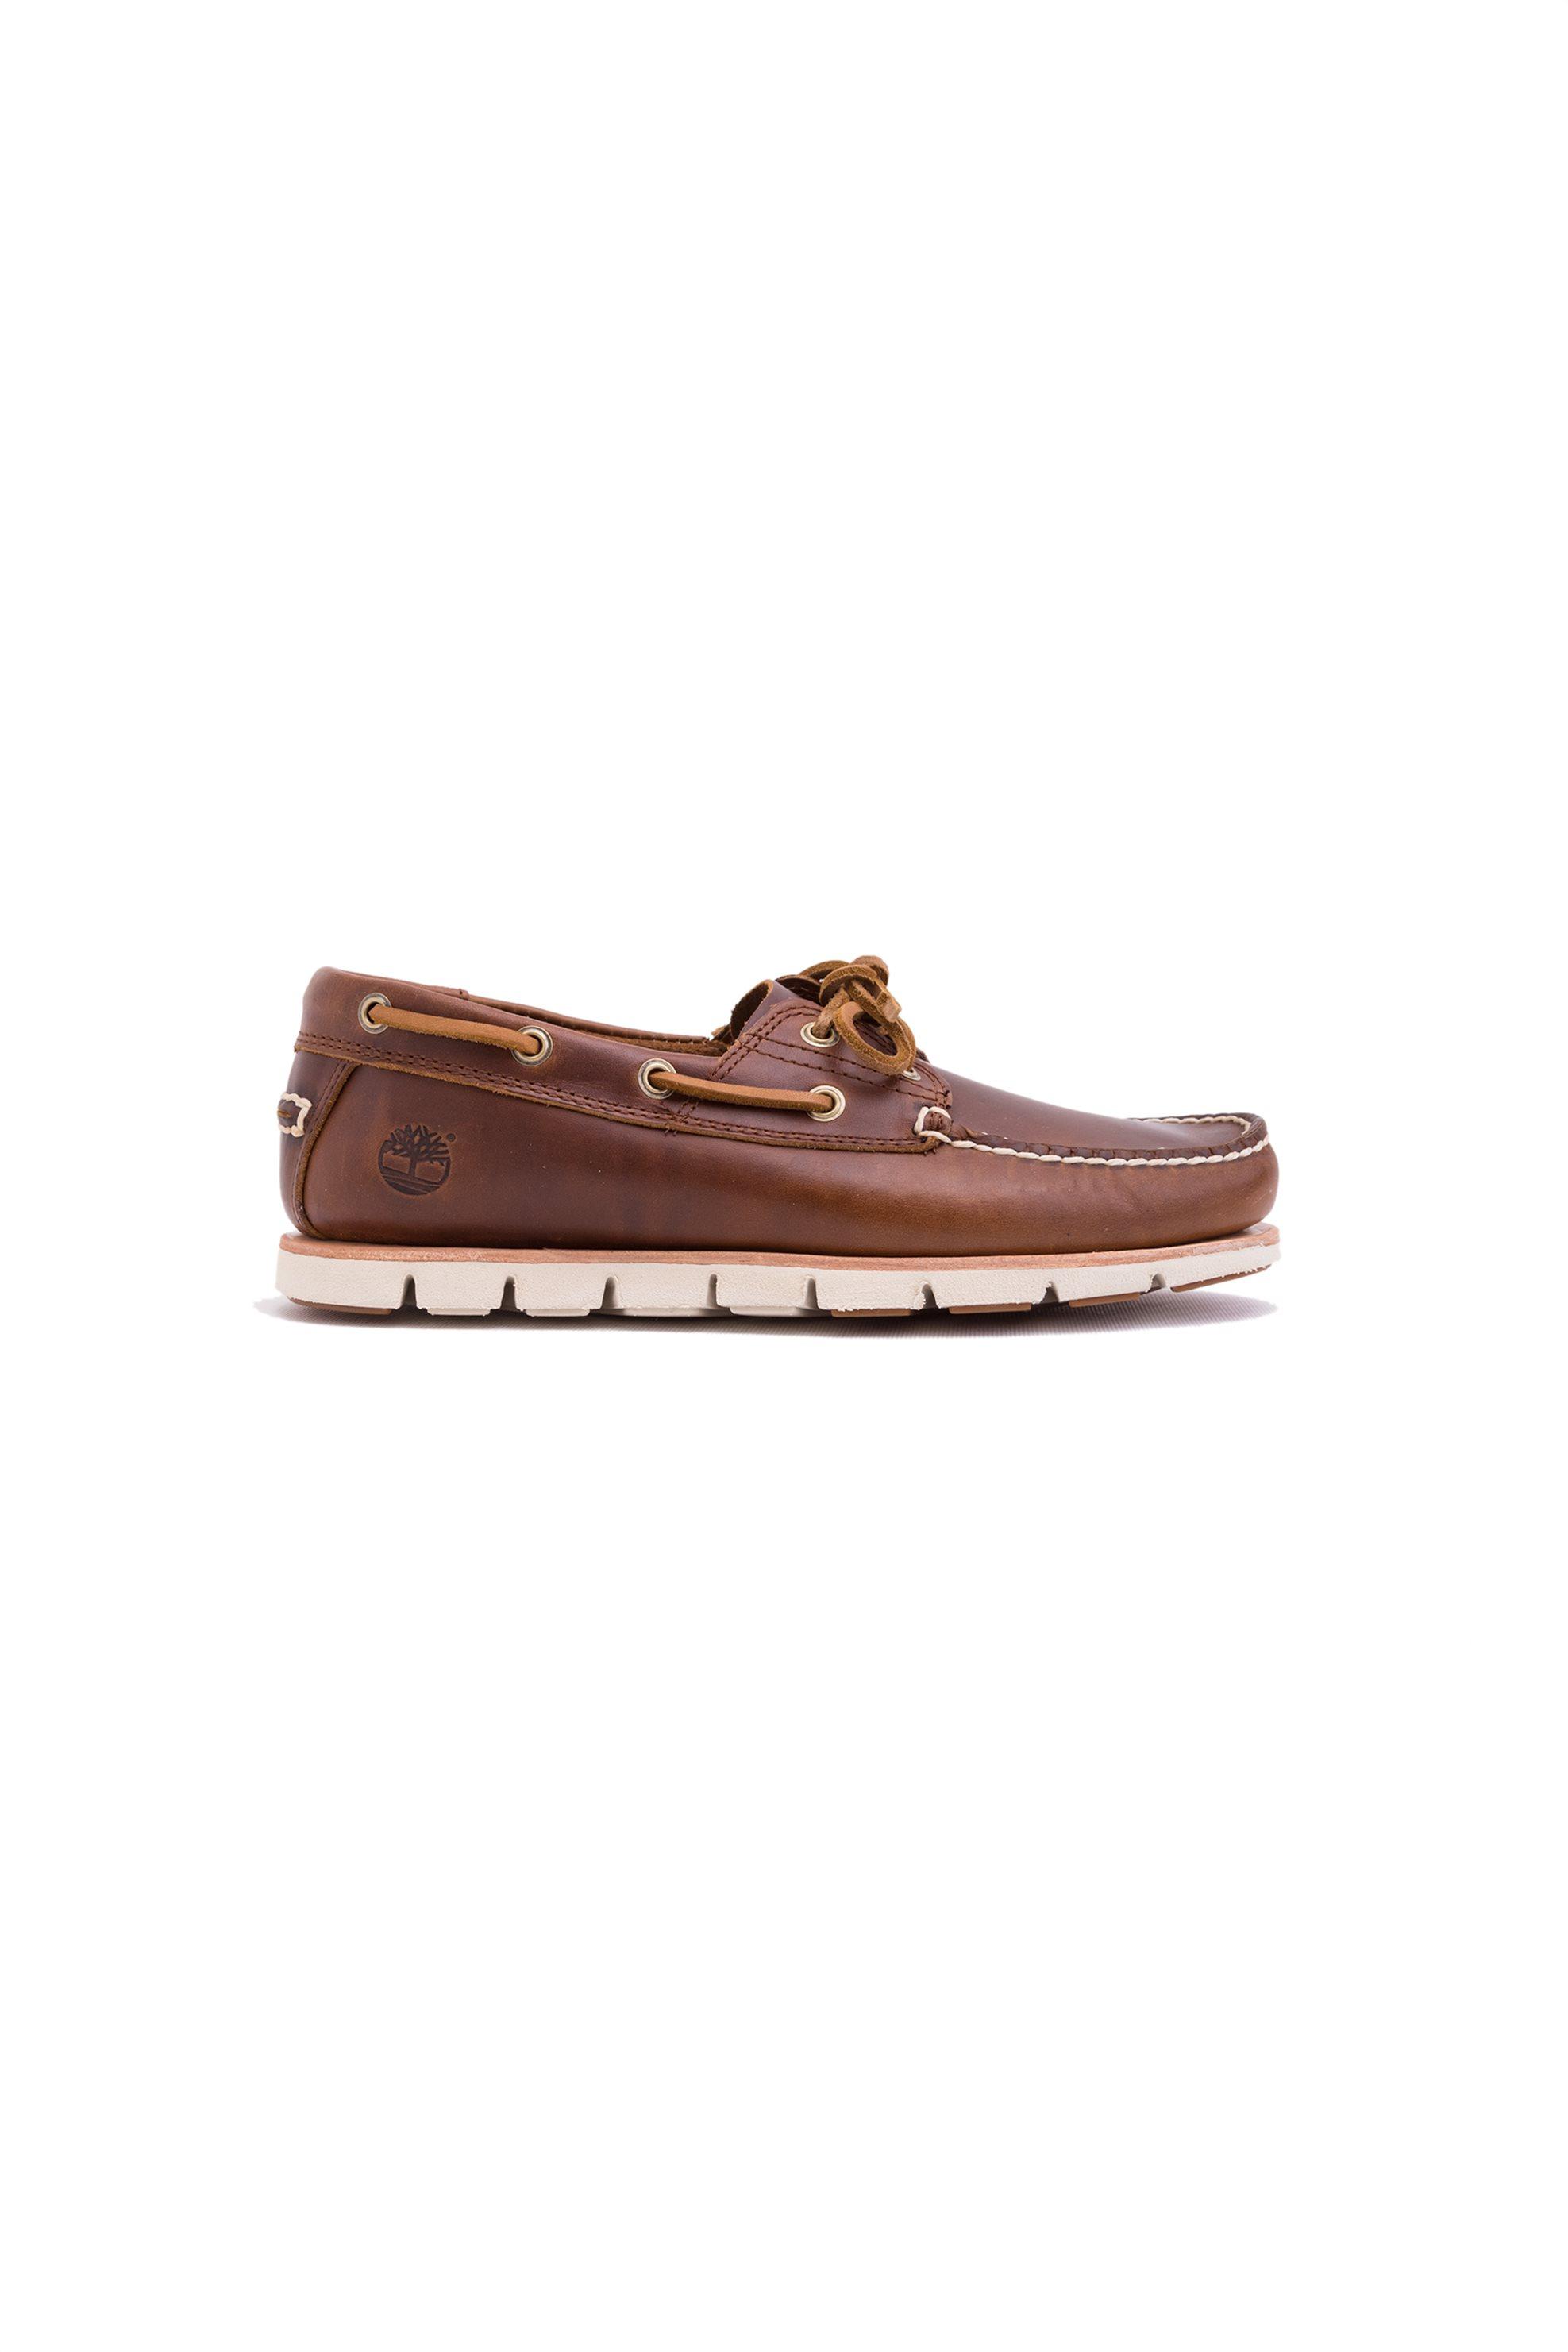 Ανδρικά καφέ παπούτσια boats Tidelands 2 Eye Timberland - CA1BHL - Καφέ ανδρασ   παπουτσια   trainers   sneakers